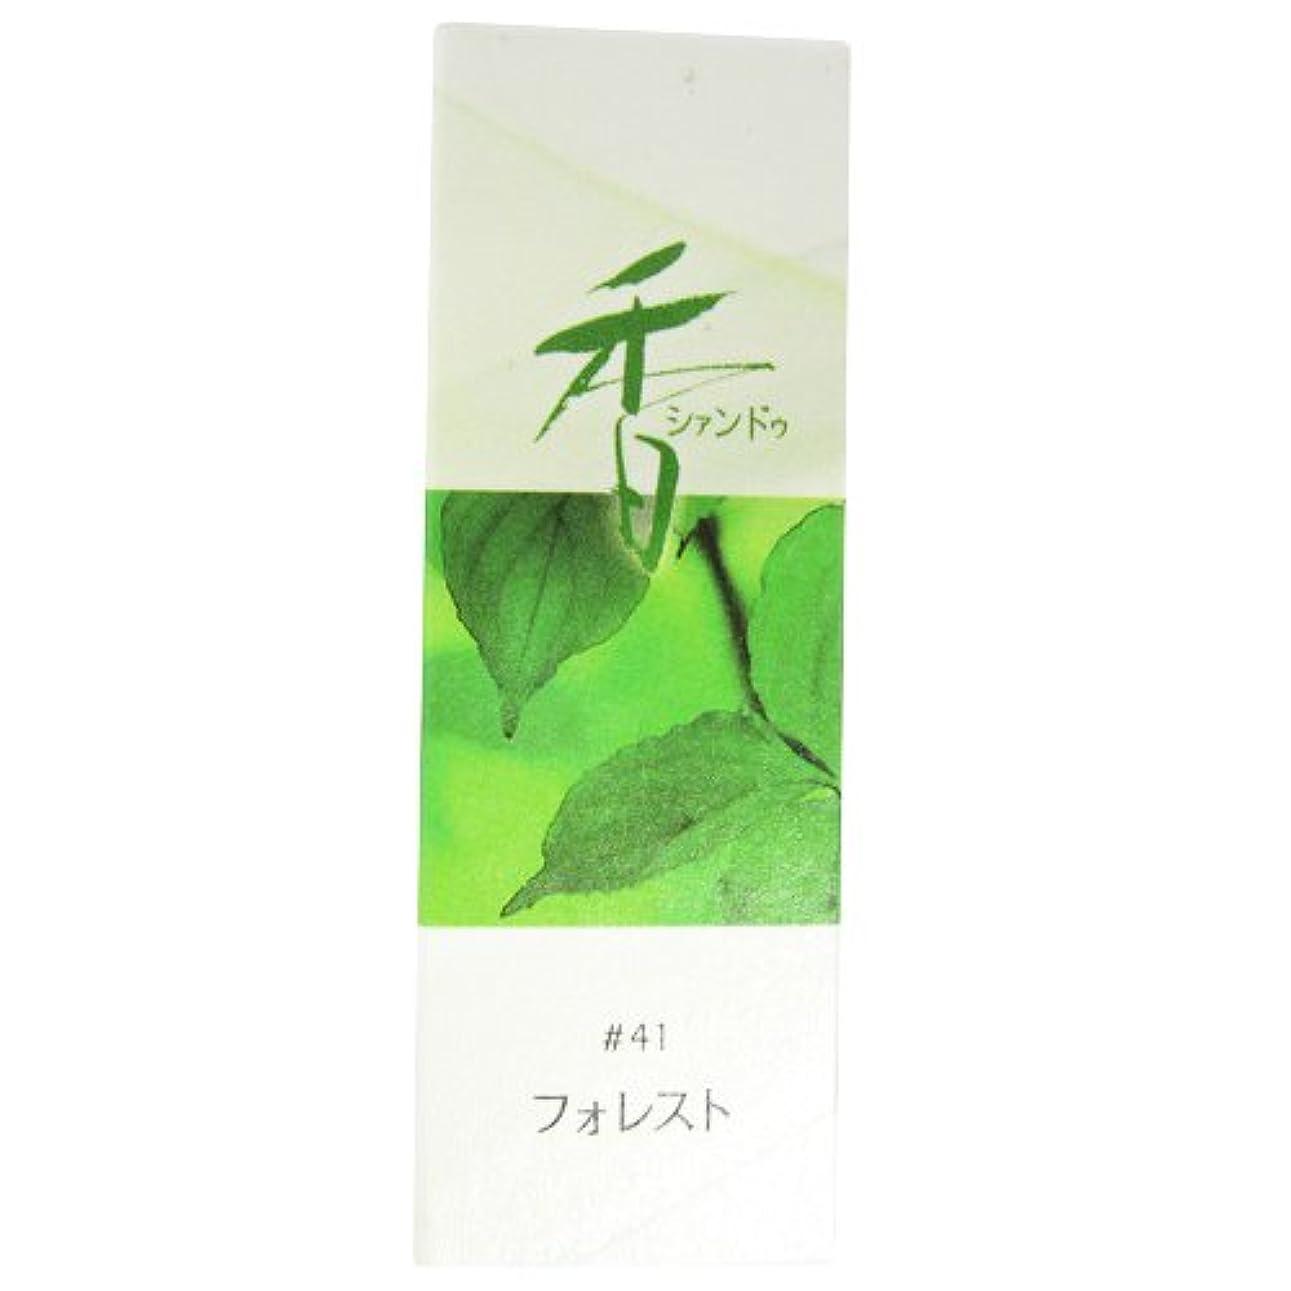 比較的オープニングワイヤー松栄堂のお香 Xiang Do フォレスト ST20本入 簡易香立付 #214241